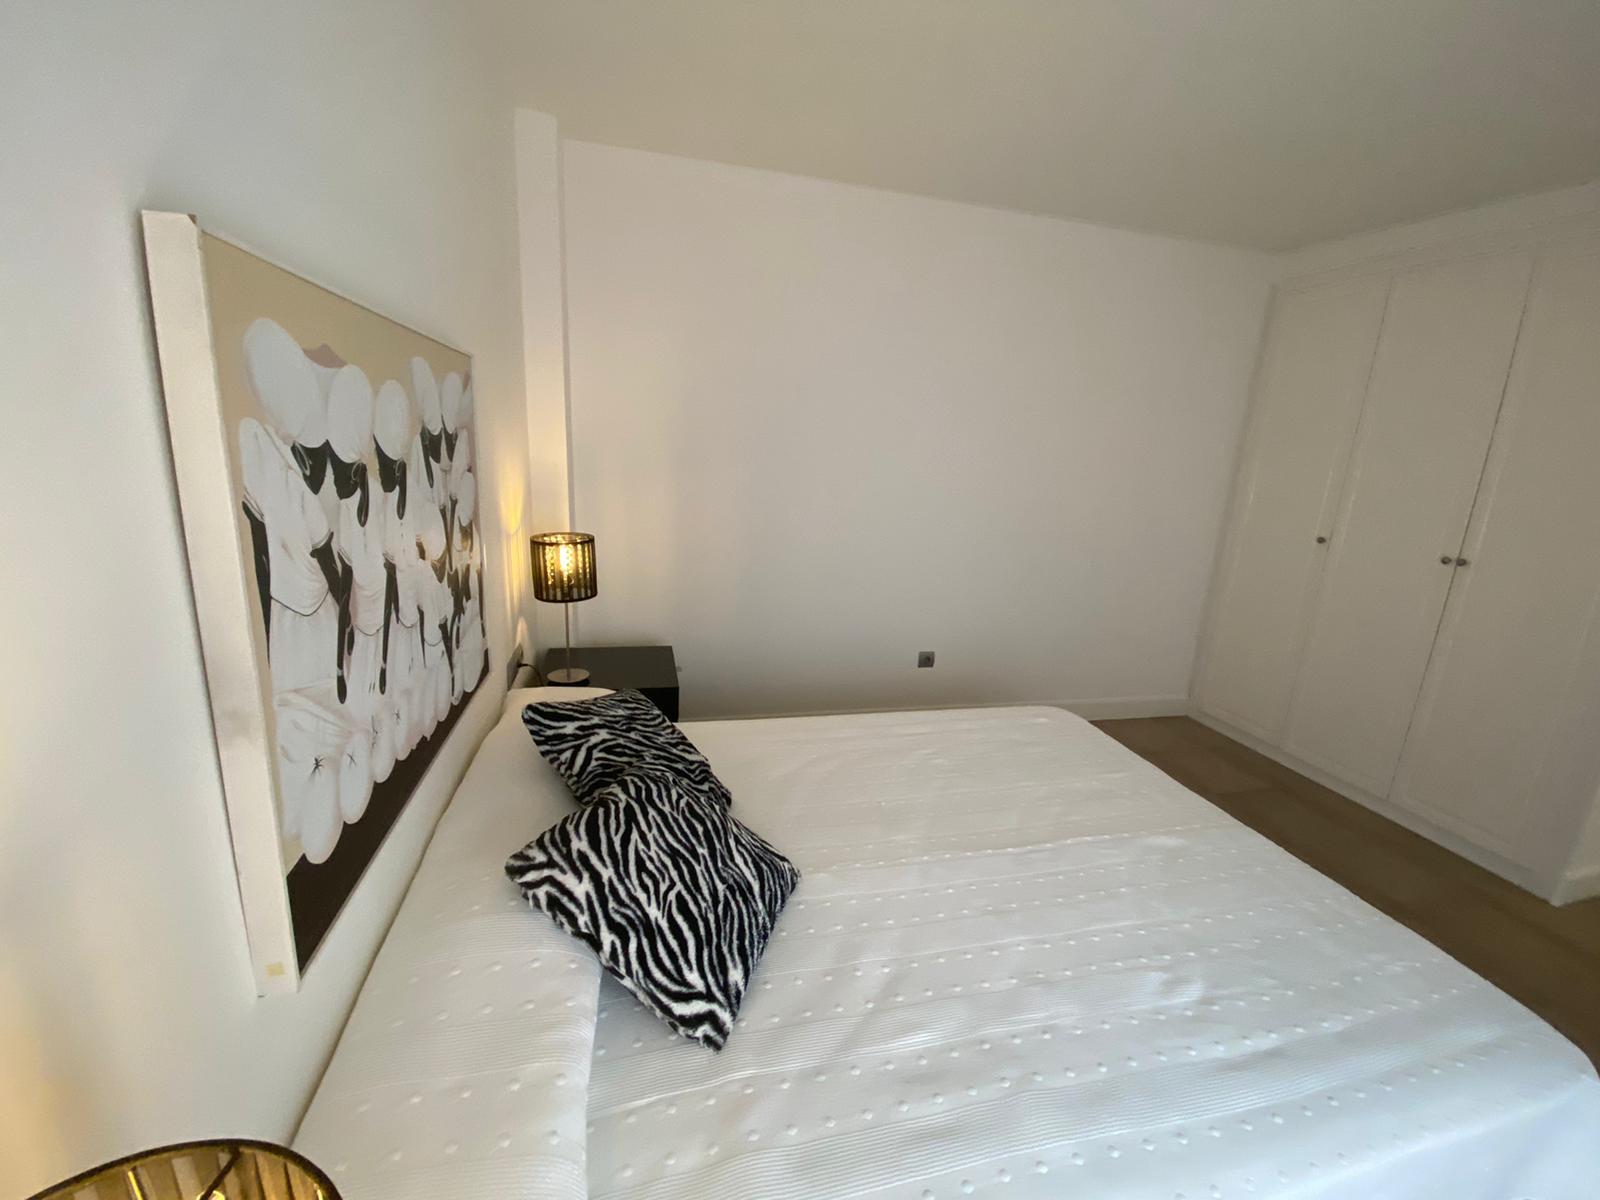 Imagen 12 del Apartamento Turístico, Ático 1 Central (3d+2b), Punta del Moral (HUELVA), Paseo de la Cruz nº22